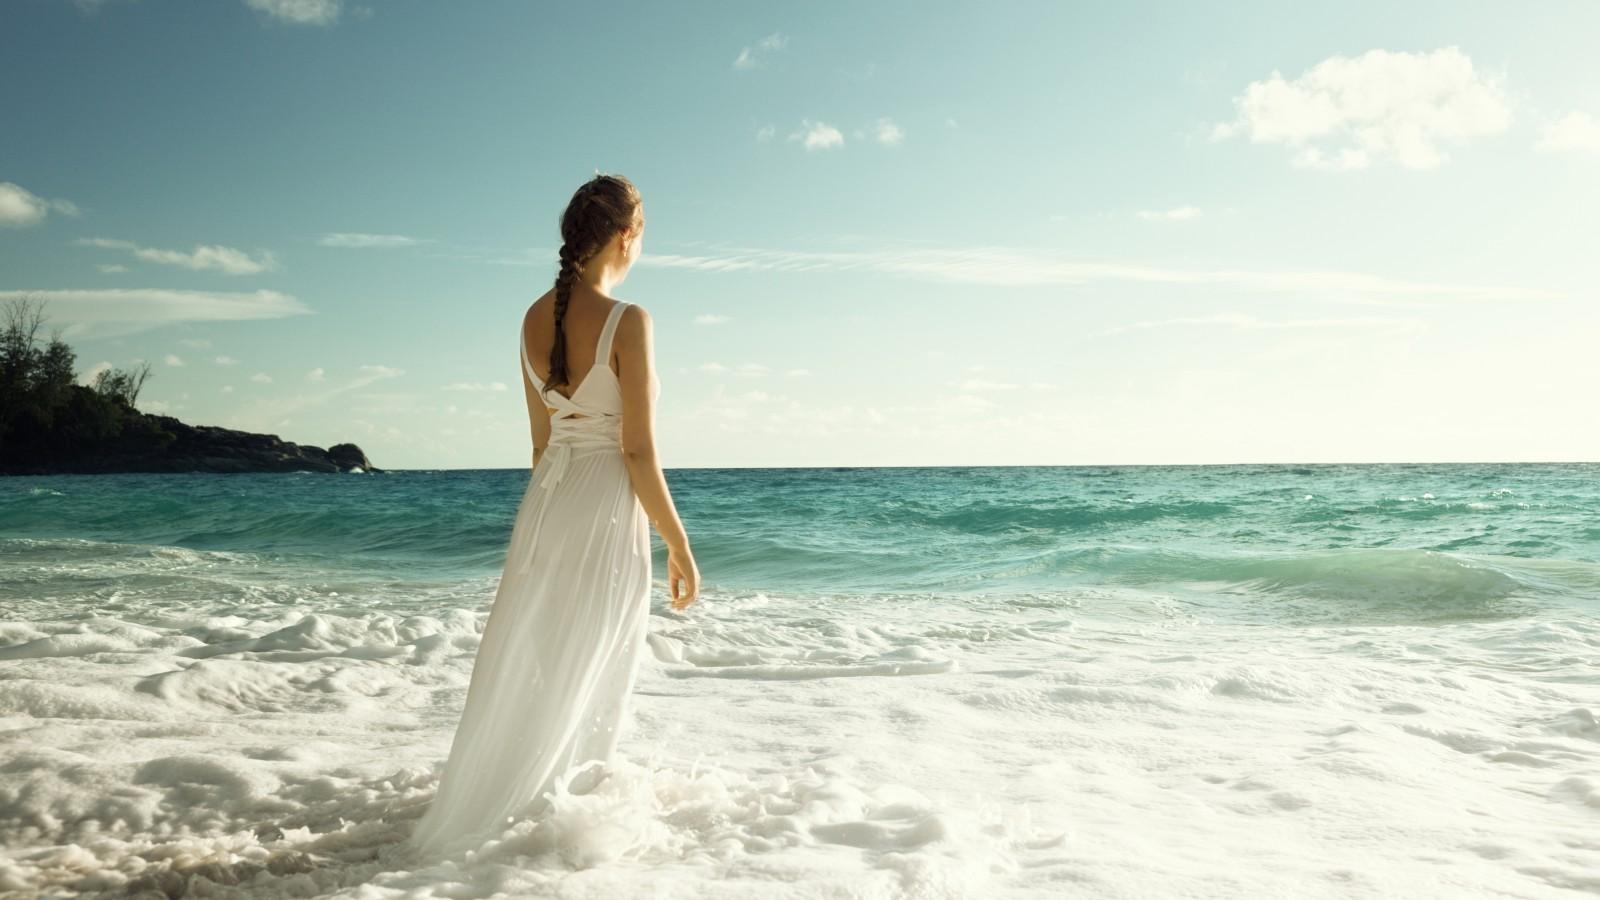 Фото женщин на берегу моря 27 фотография